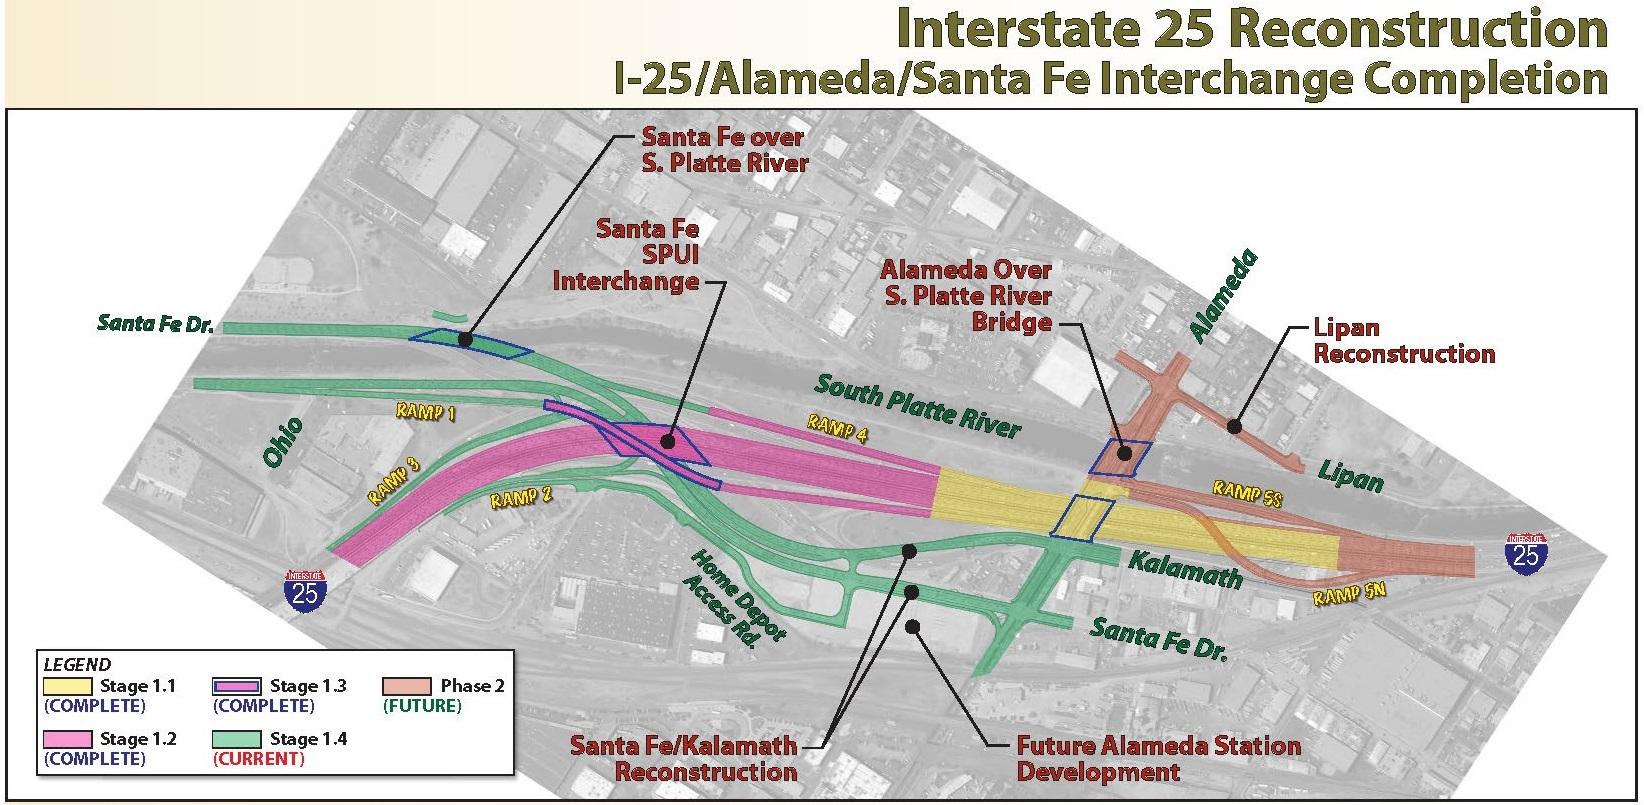 I25 Alameda/SantaFe Completion